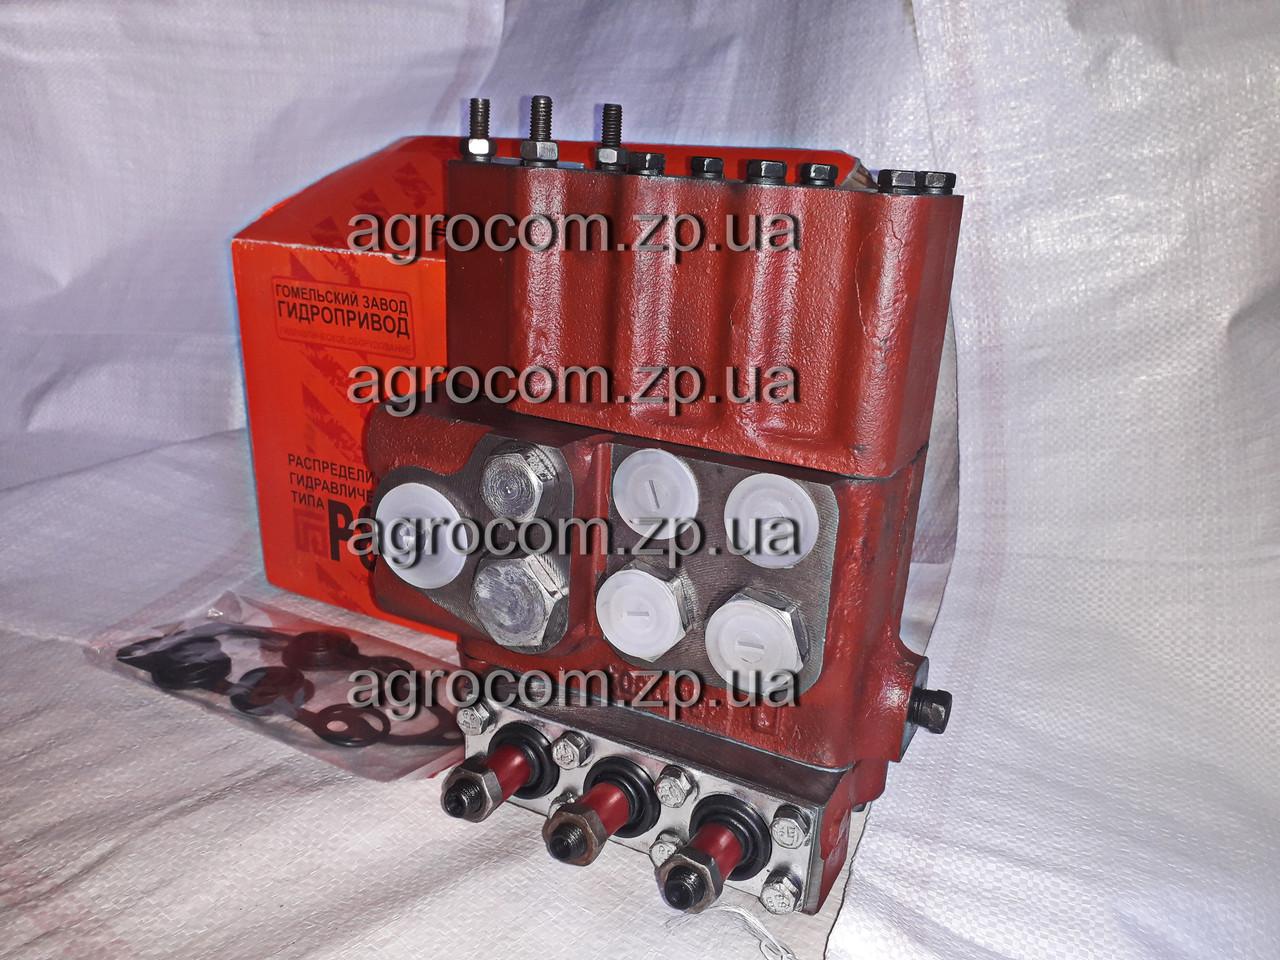 Розподільник Р80-3/1-222 (Гідророзподільник ) Т-40, Д-144. Білорусь.